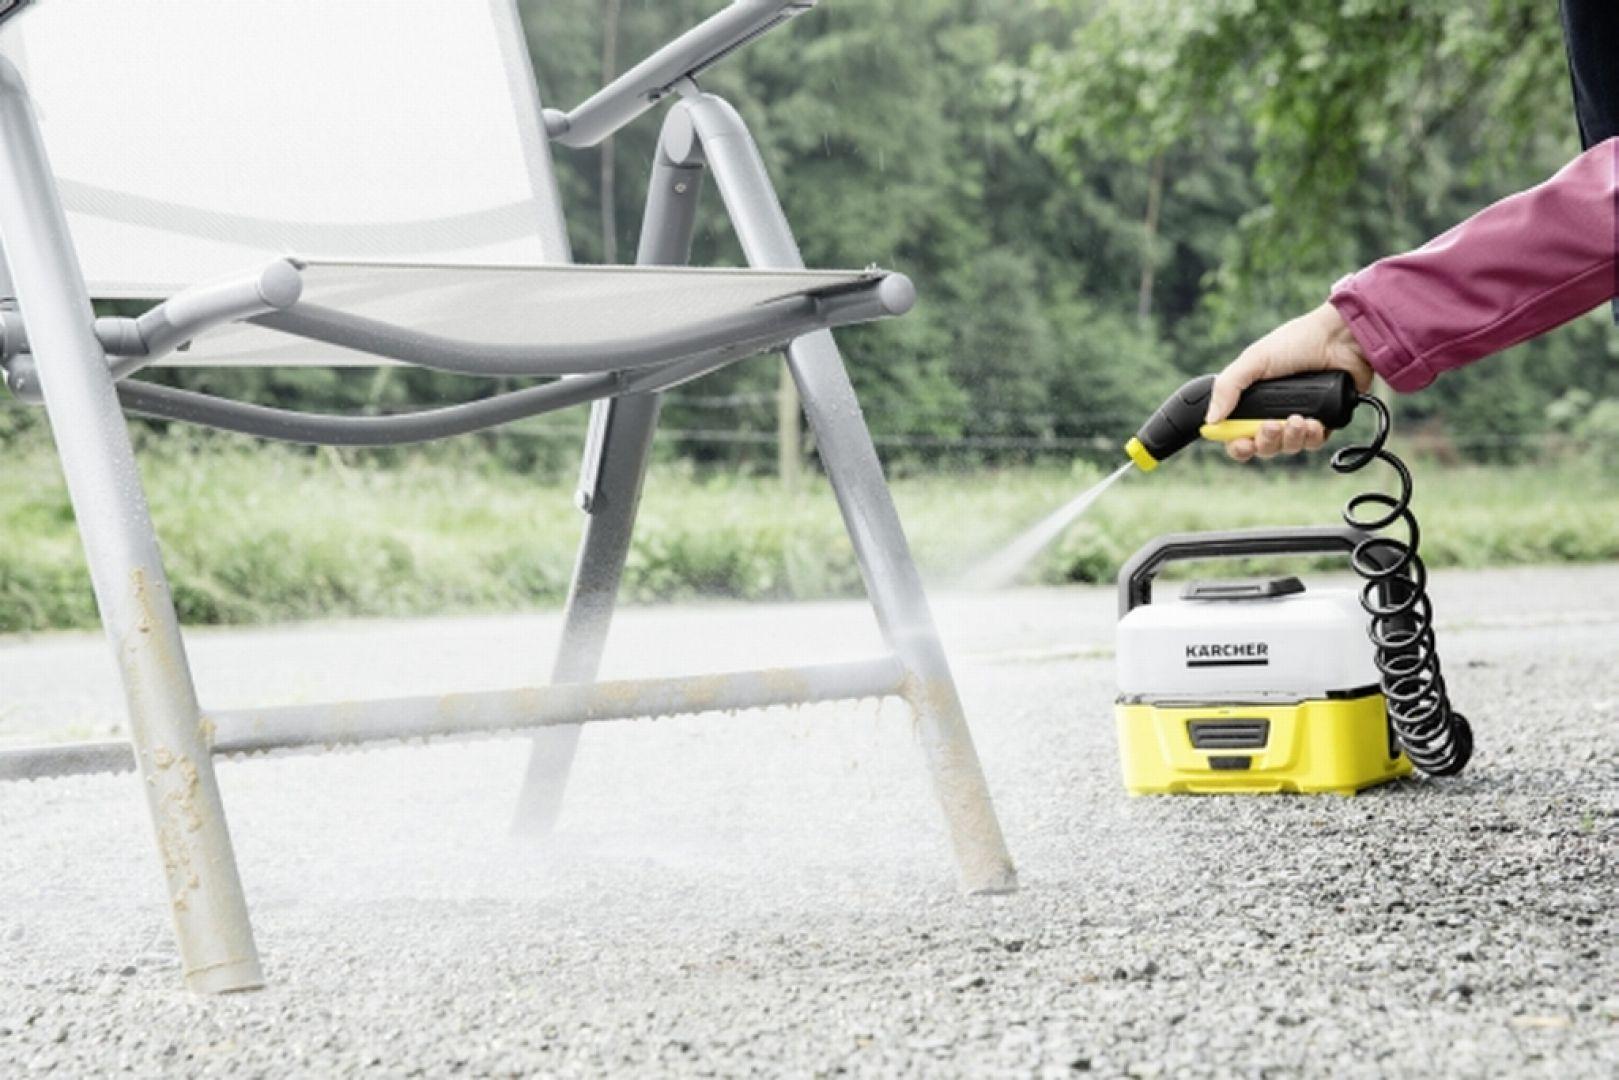 Myjka terenowa jest przeznaczona do czyszczenia rowerów, wózków dziecięcych, motocykli  Fot. Kärcher